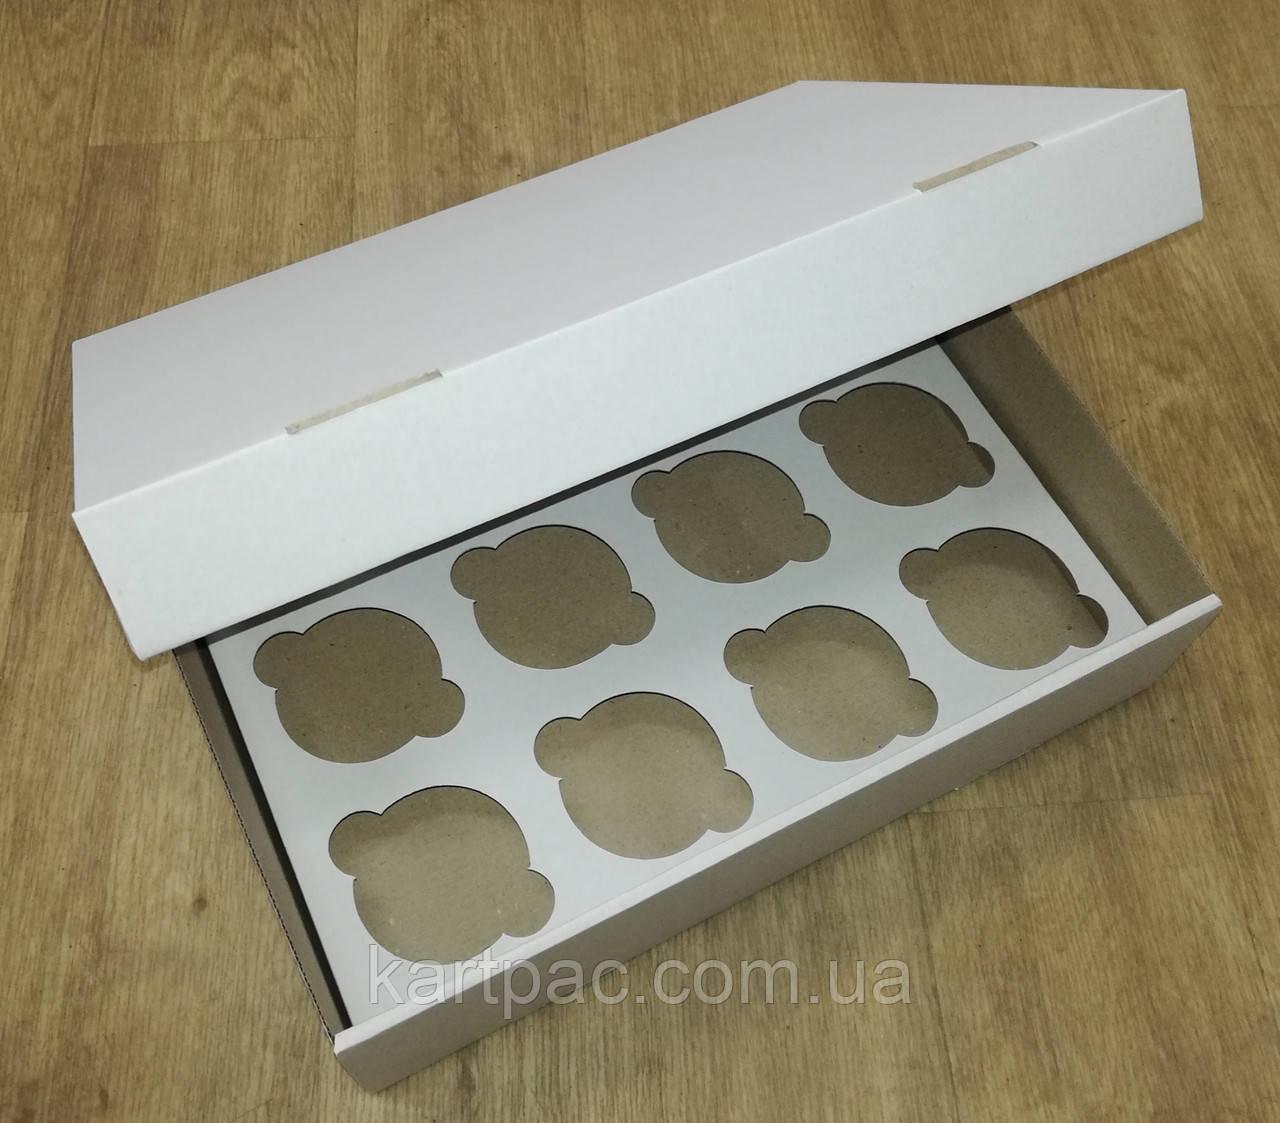 Коробка для транспортування кондитерських виробів (на 12 шт) 330х255х80